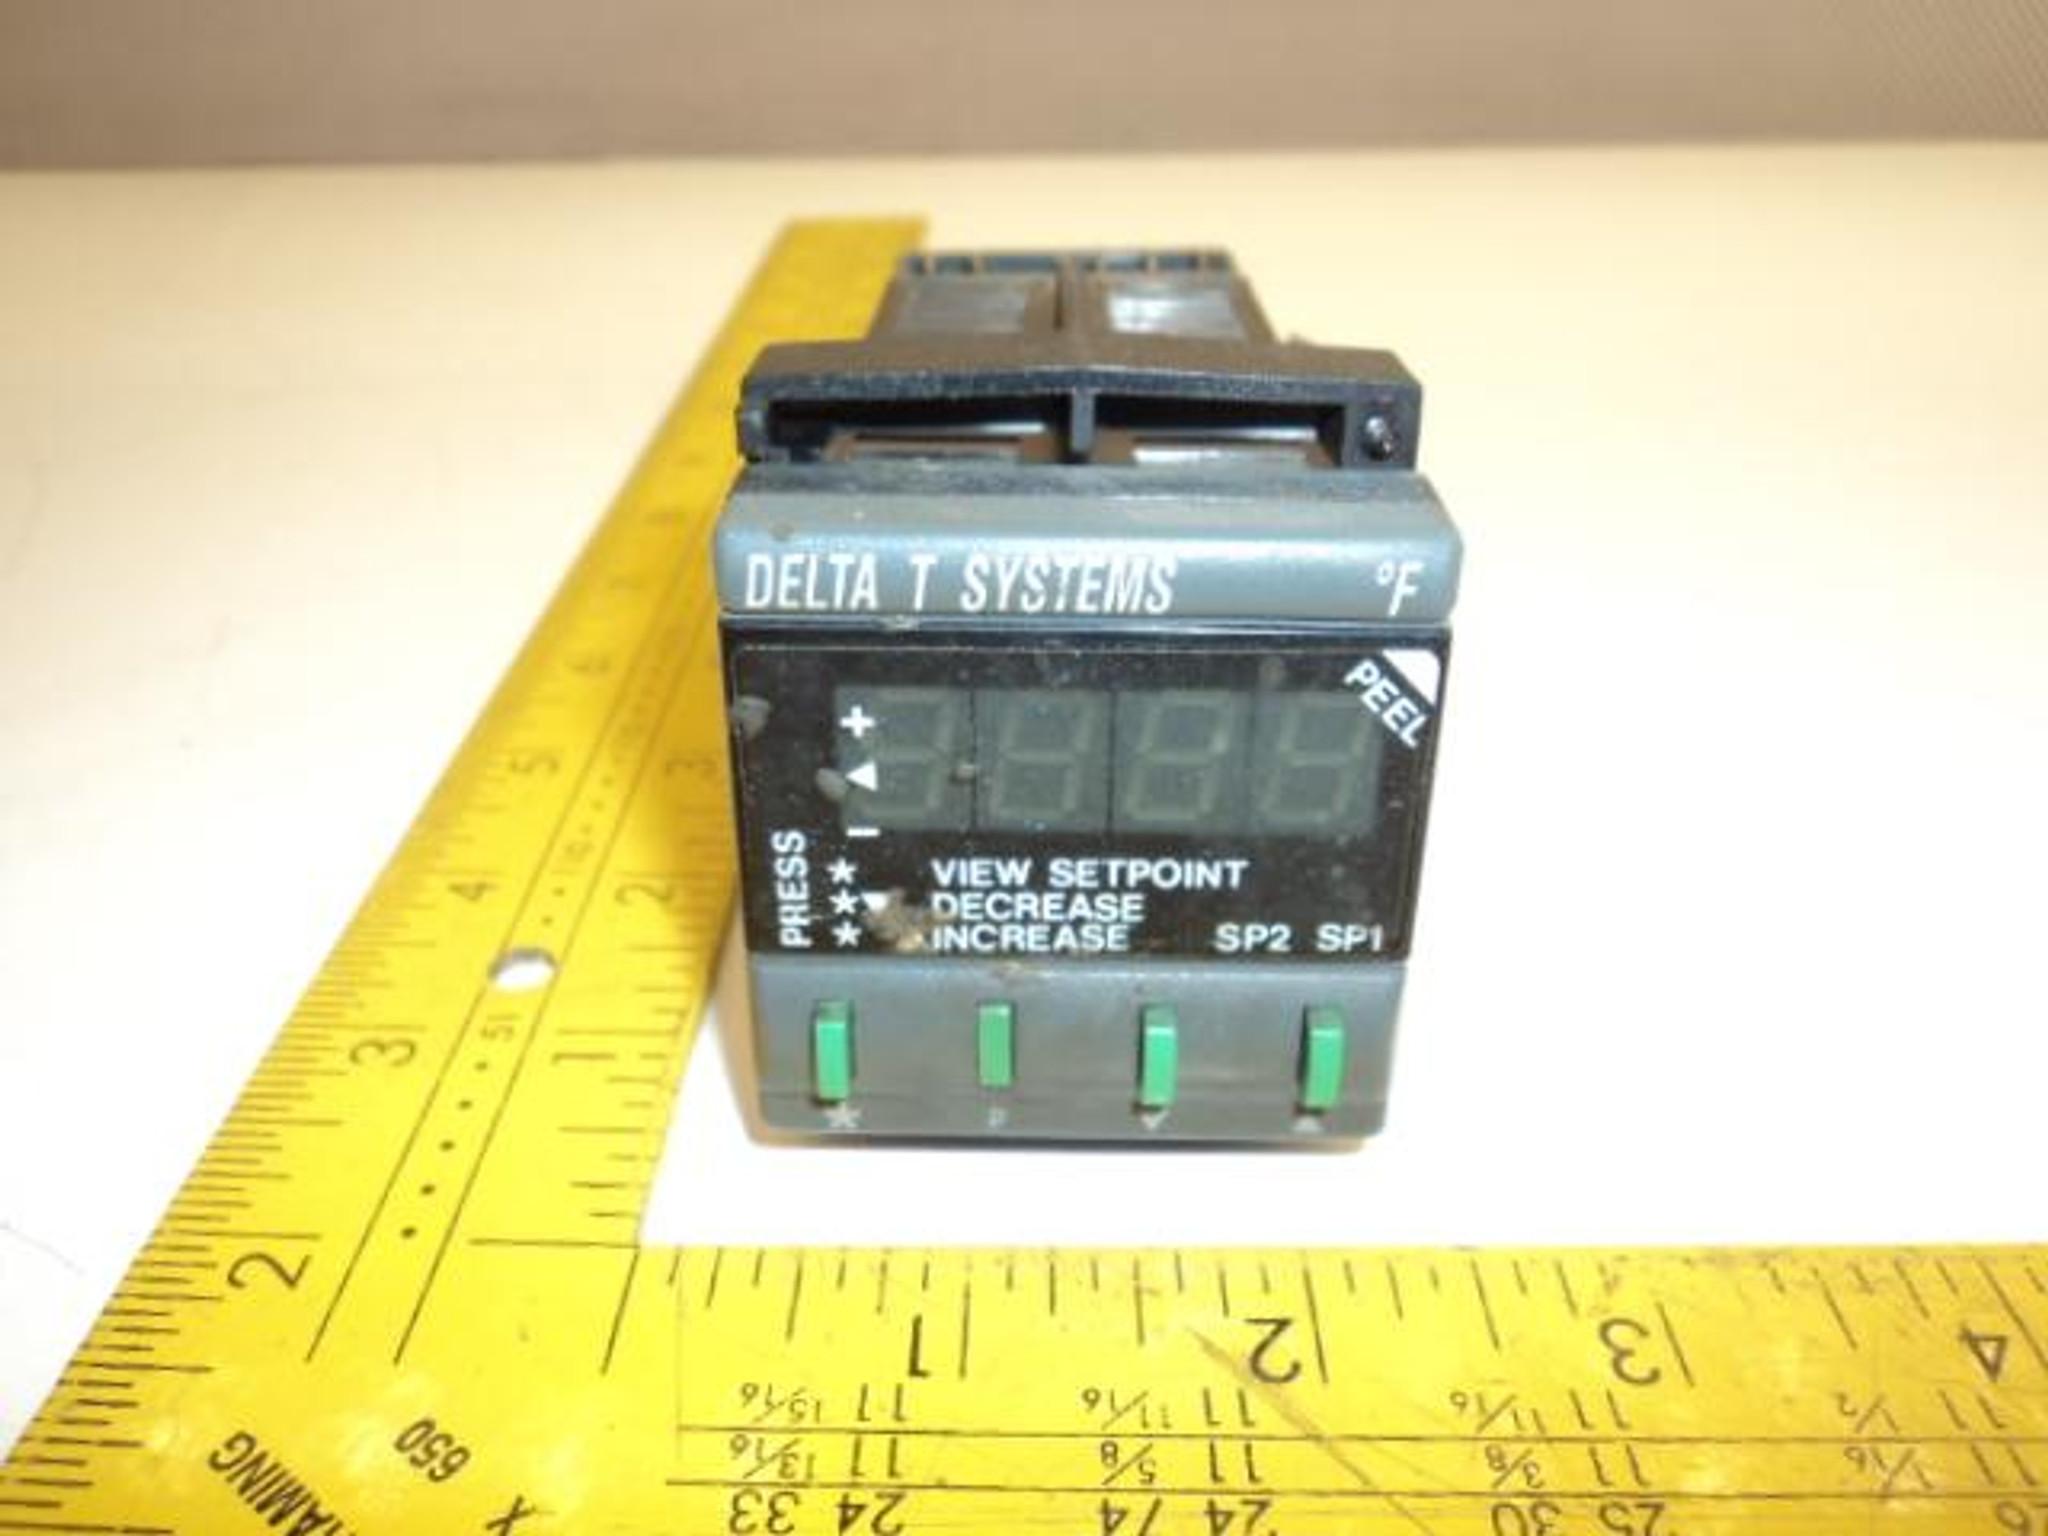 Delta Systems 991 11F CAL Controls Temperature Controller 115V 50-60HZ  T17583